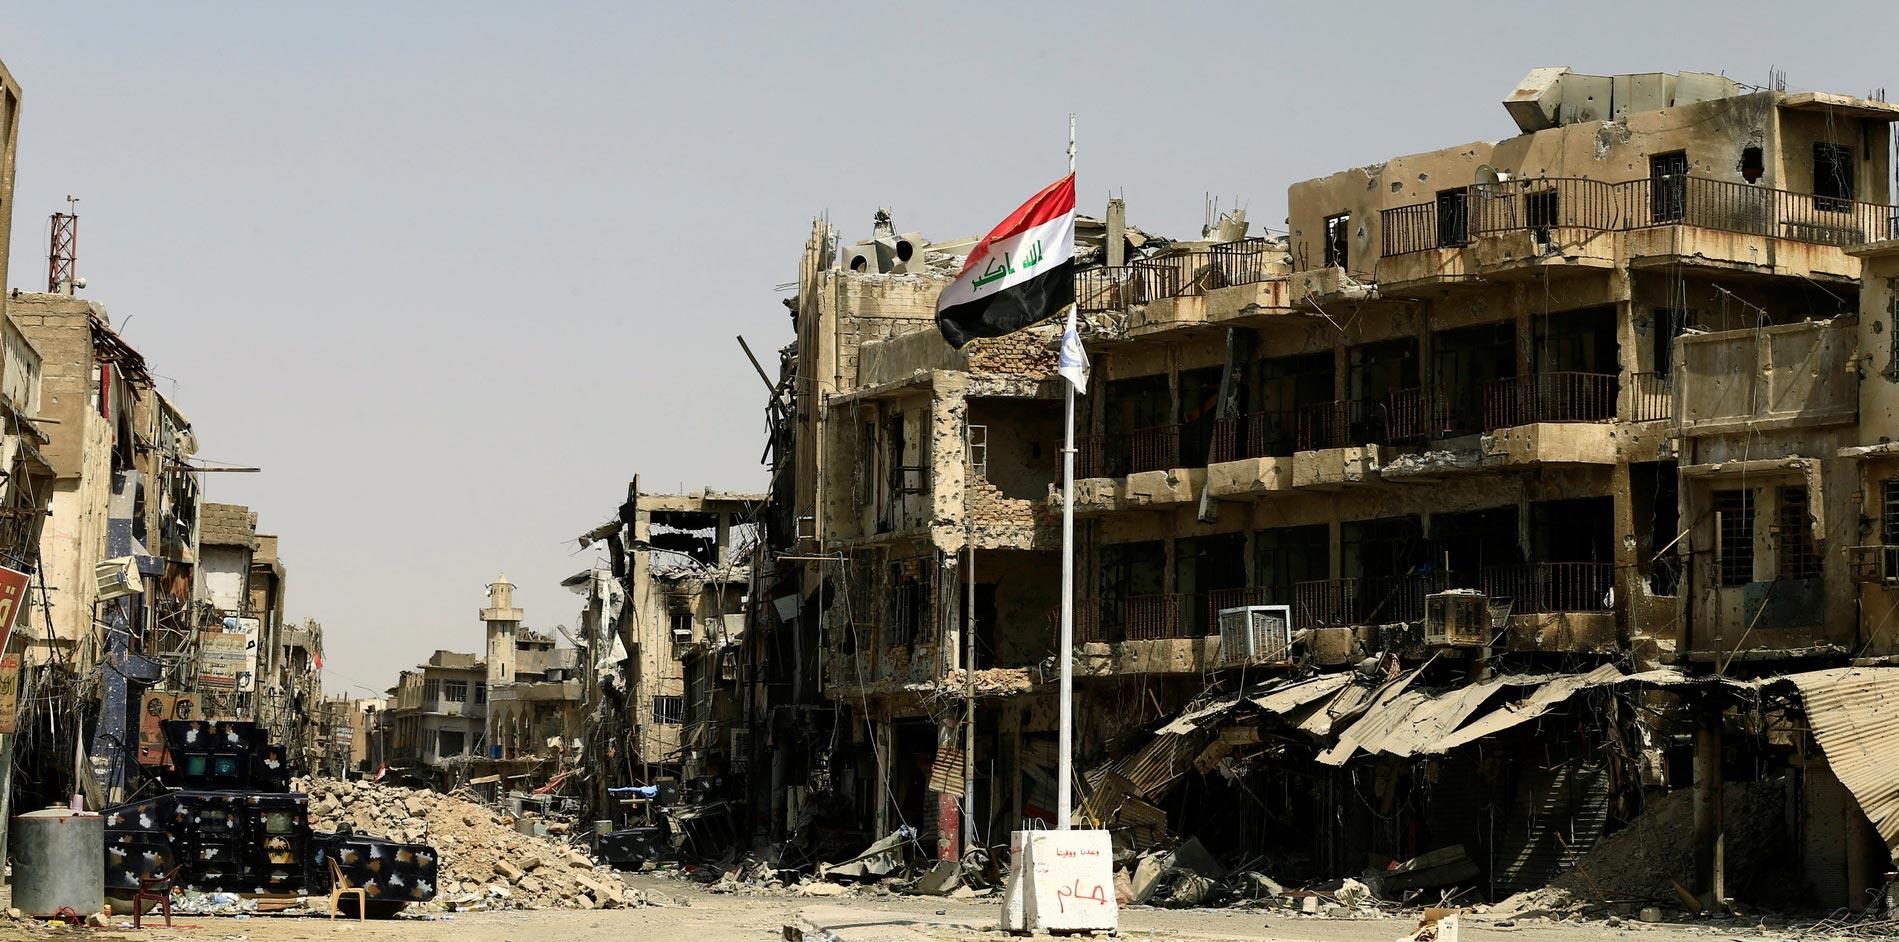 ماذا ينتظر الكويتيون للاستثمار في العراق؟